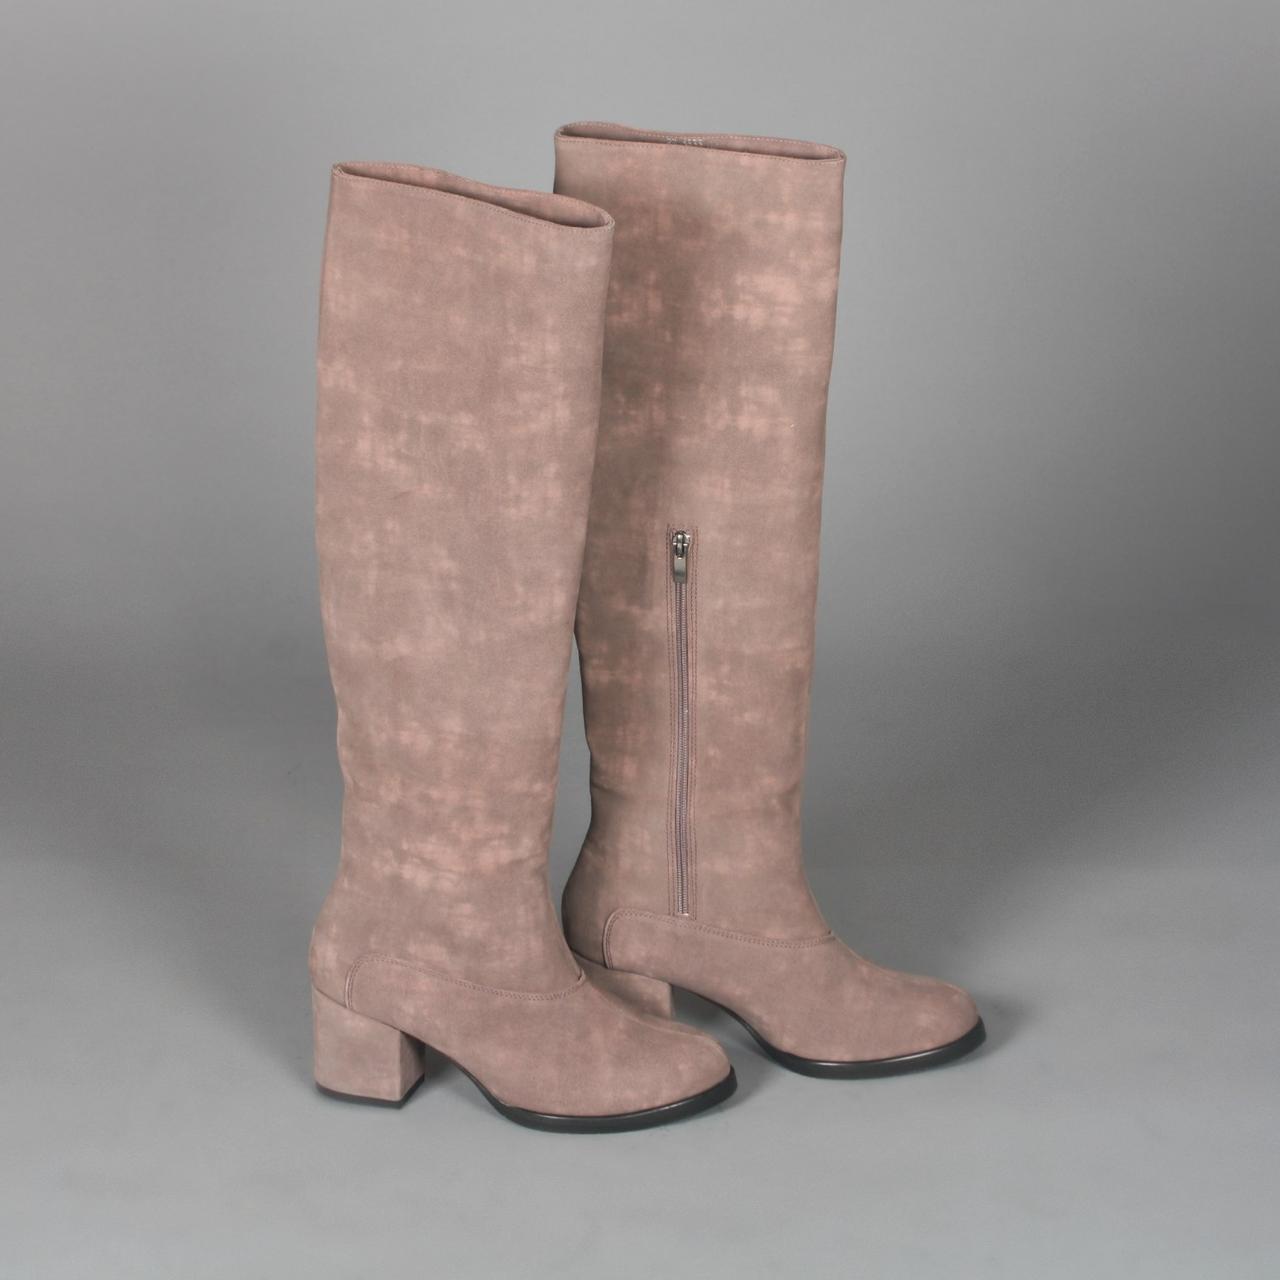 Замшевые сапоги на комфортном каблуке. Пошив в любом цвете по личным меркам